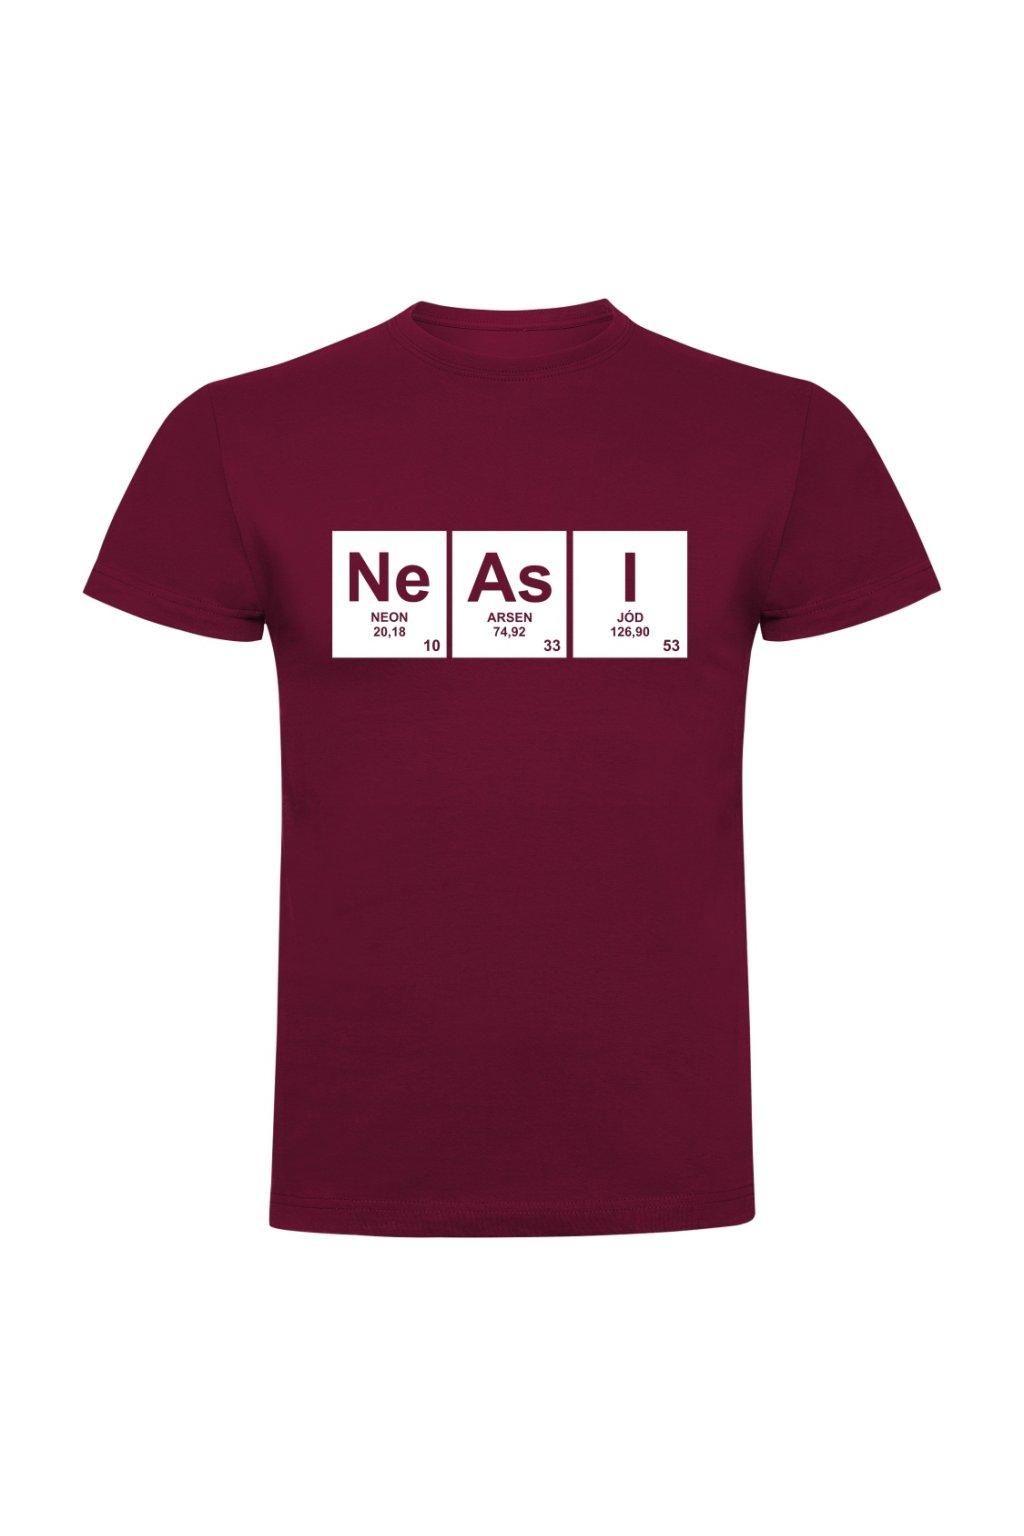 chemik ne as i vínová